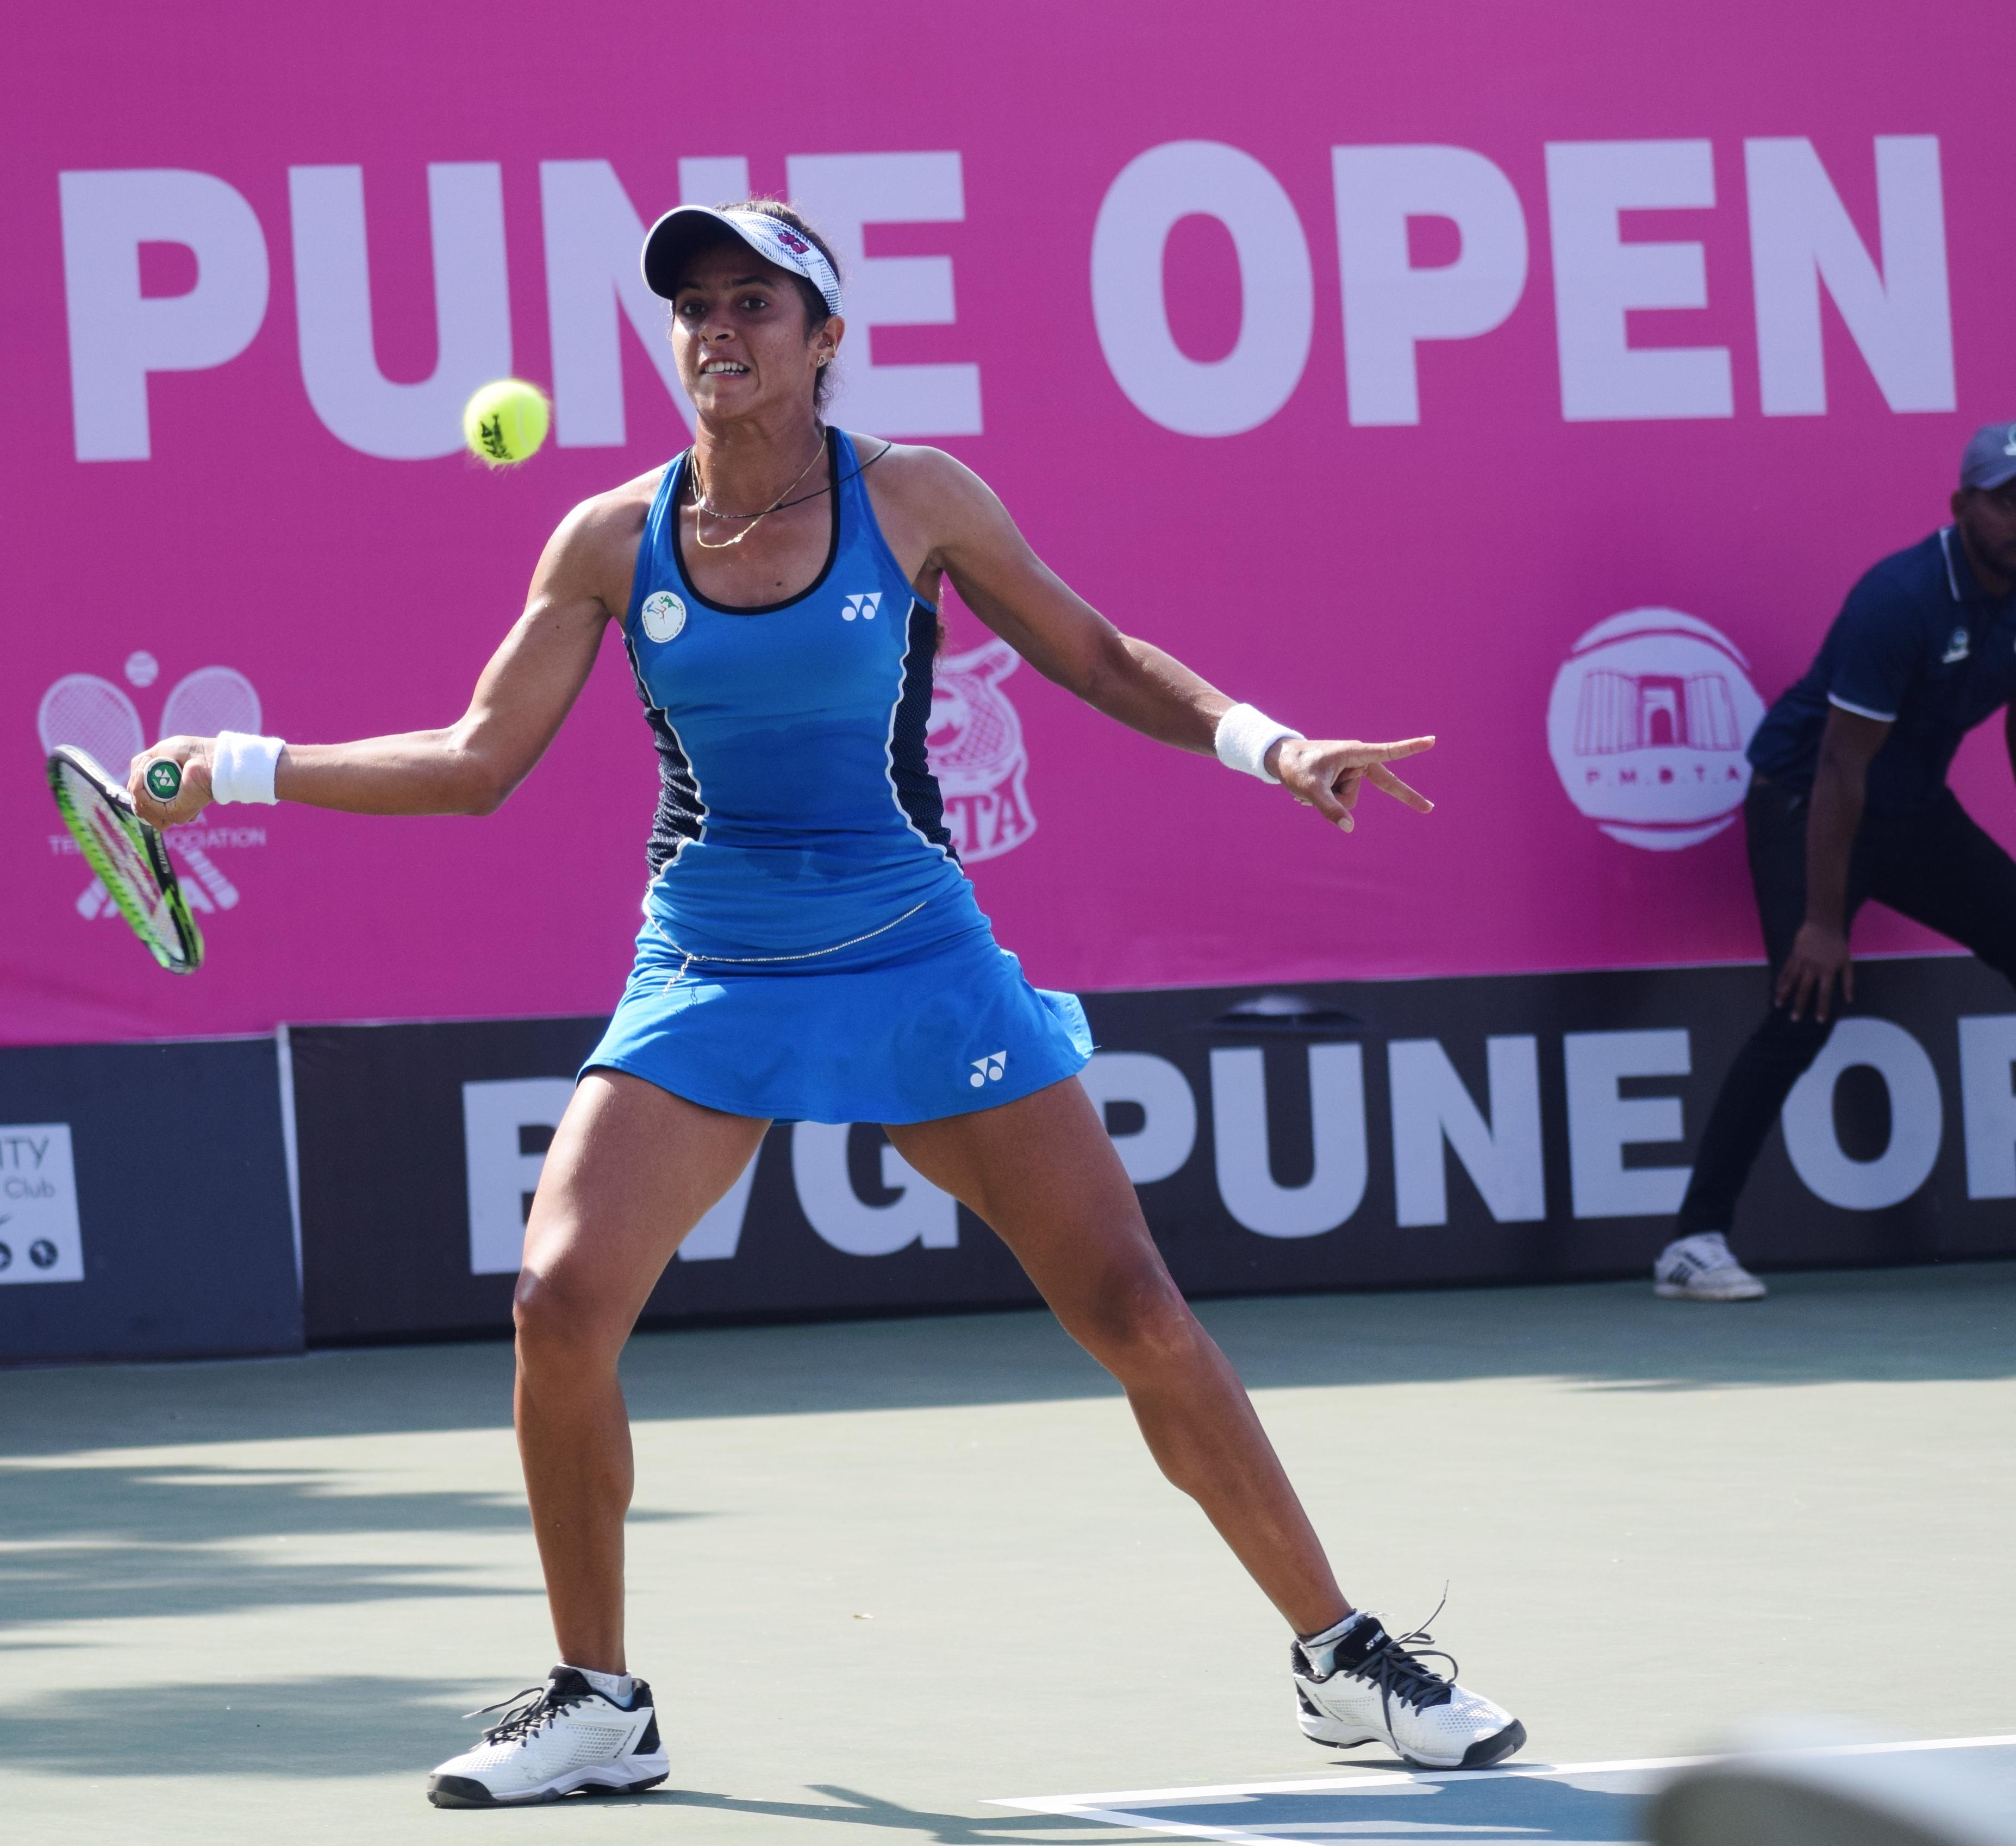 टेनिस स्पर्धेत जॅकलिन अडीना क्रिस्टियन, कै-लीन झाँग, मरिना मेलनिकोवा, इवा गुरेरो अल्वारेज यांचा मानांकित खेळाडूंना पराभवाचा धक्का